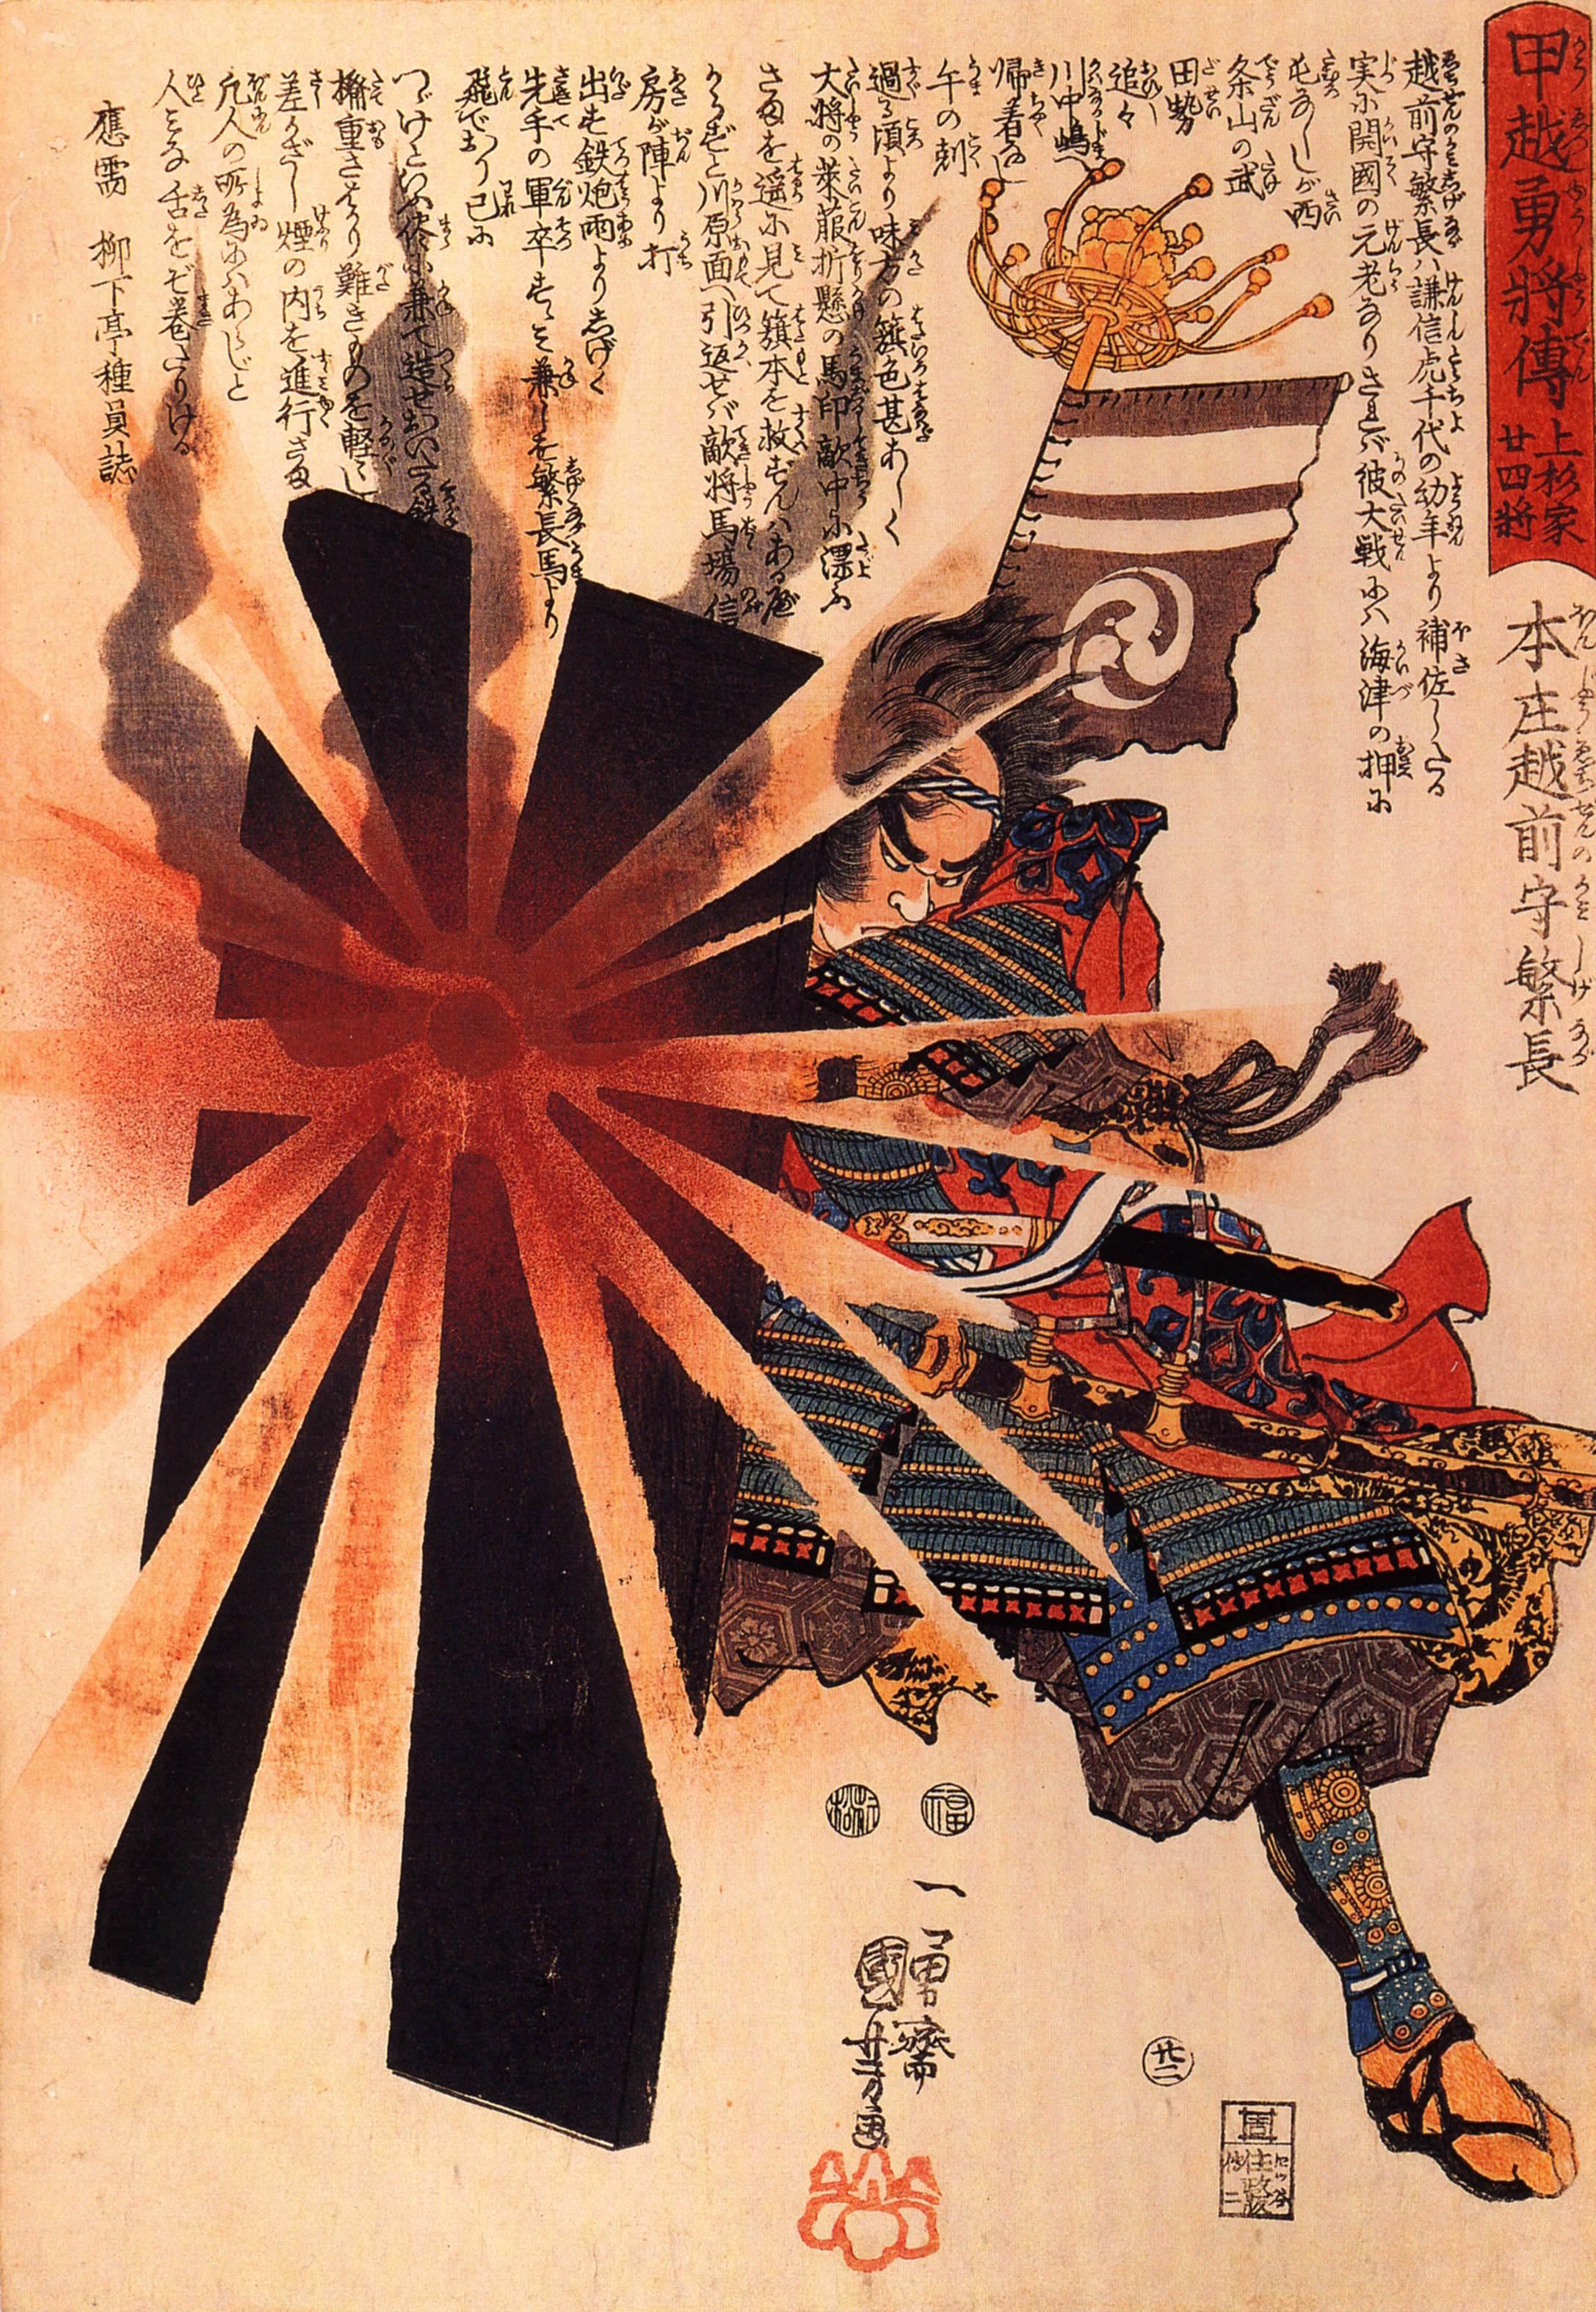 大胆な武者絵が描かれた豪快な作品